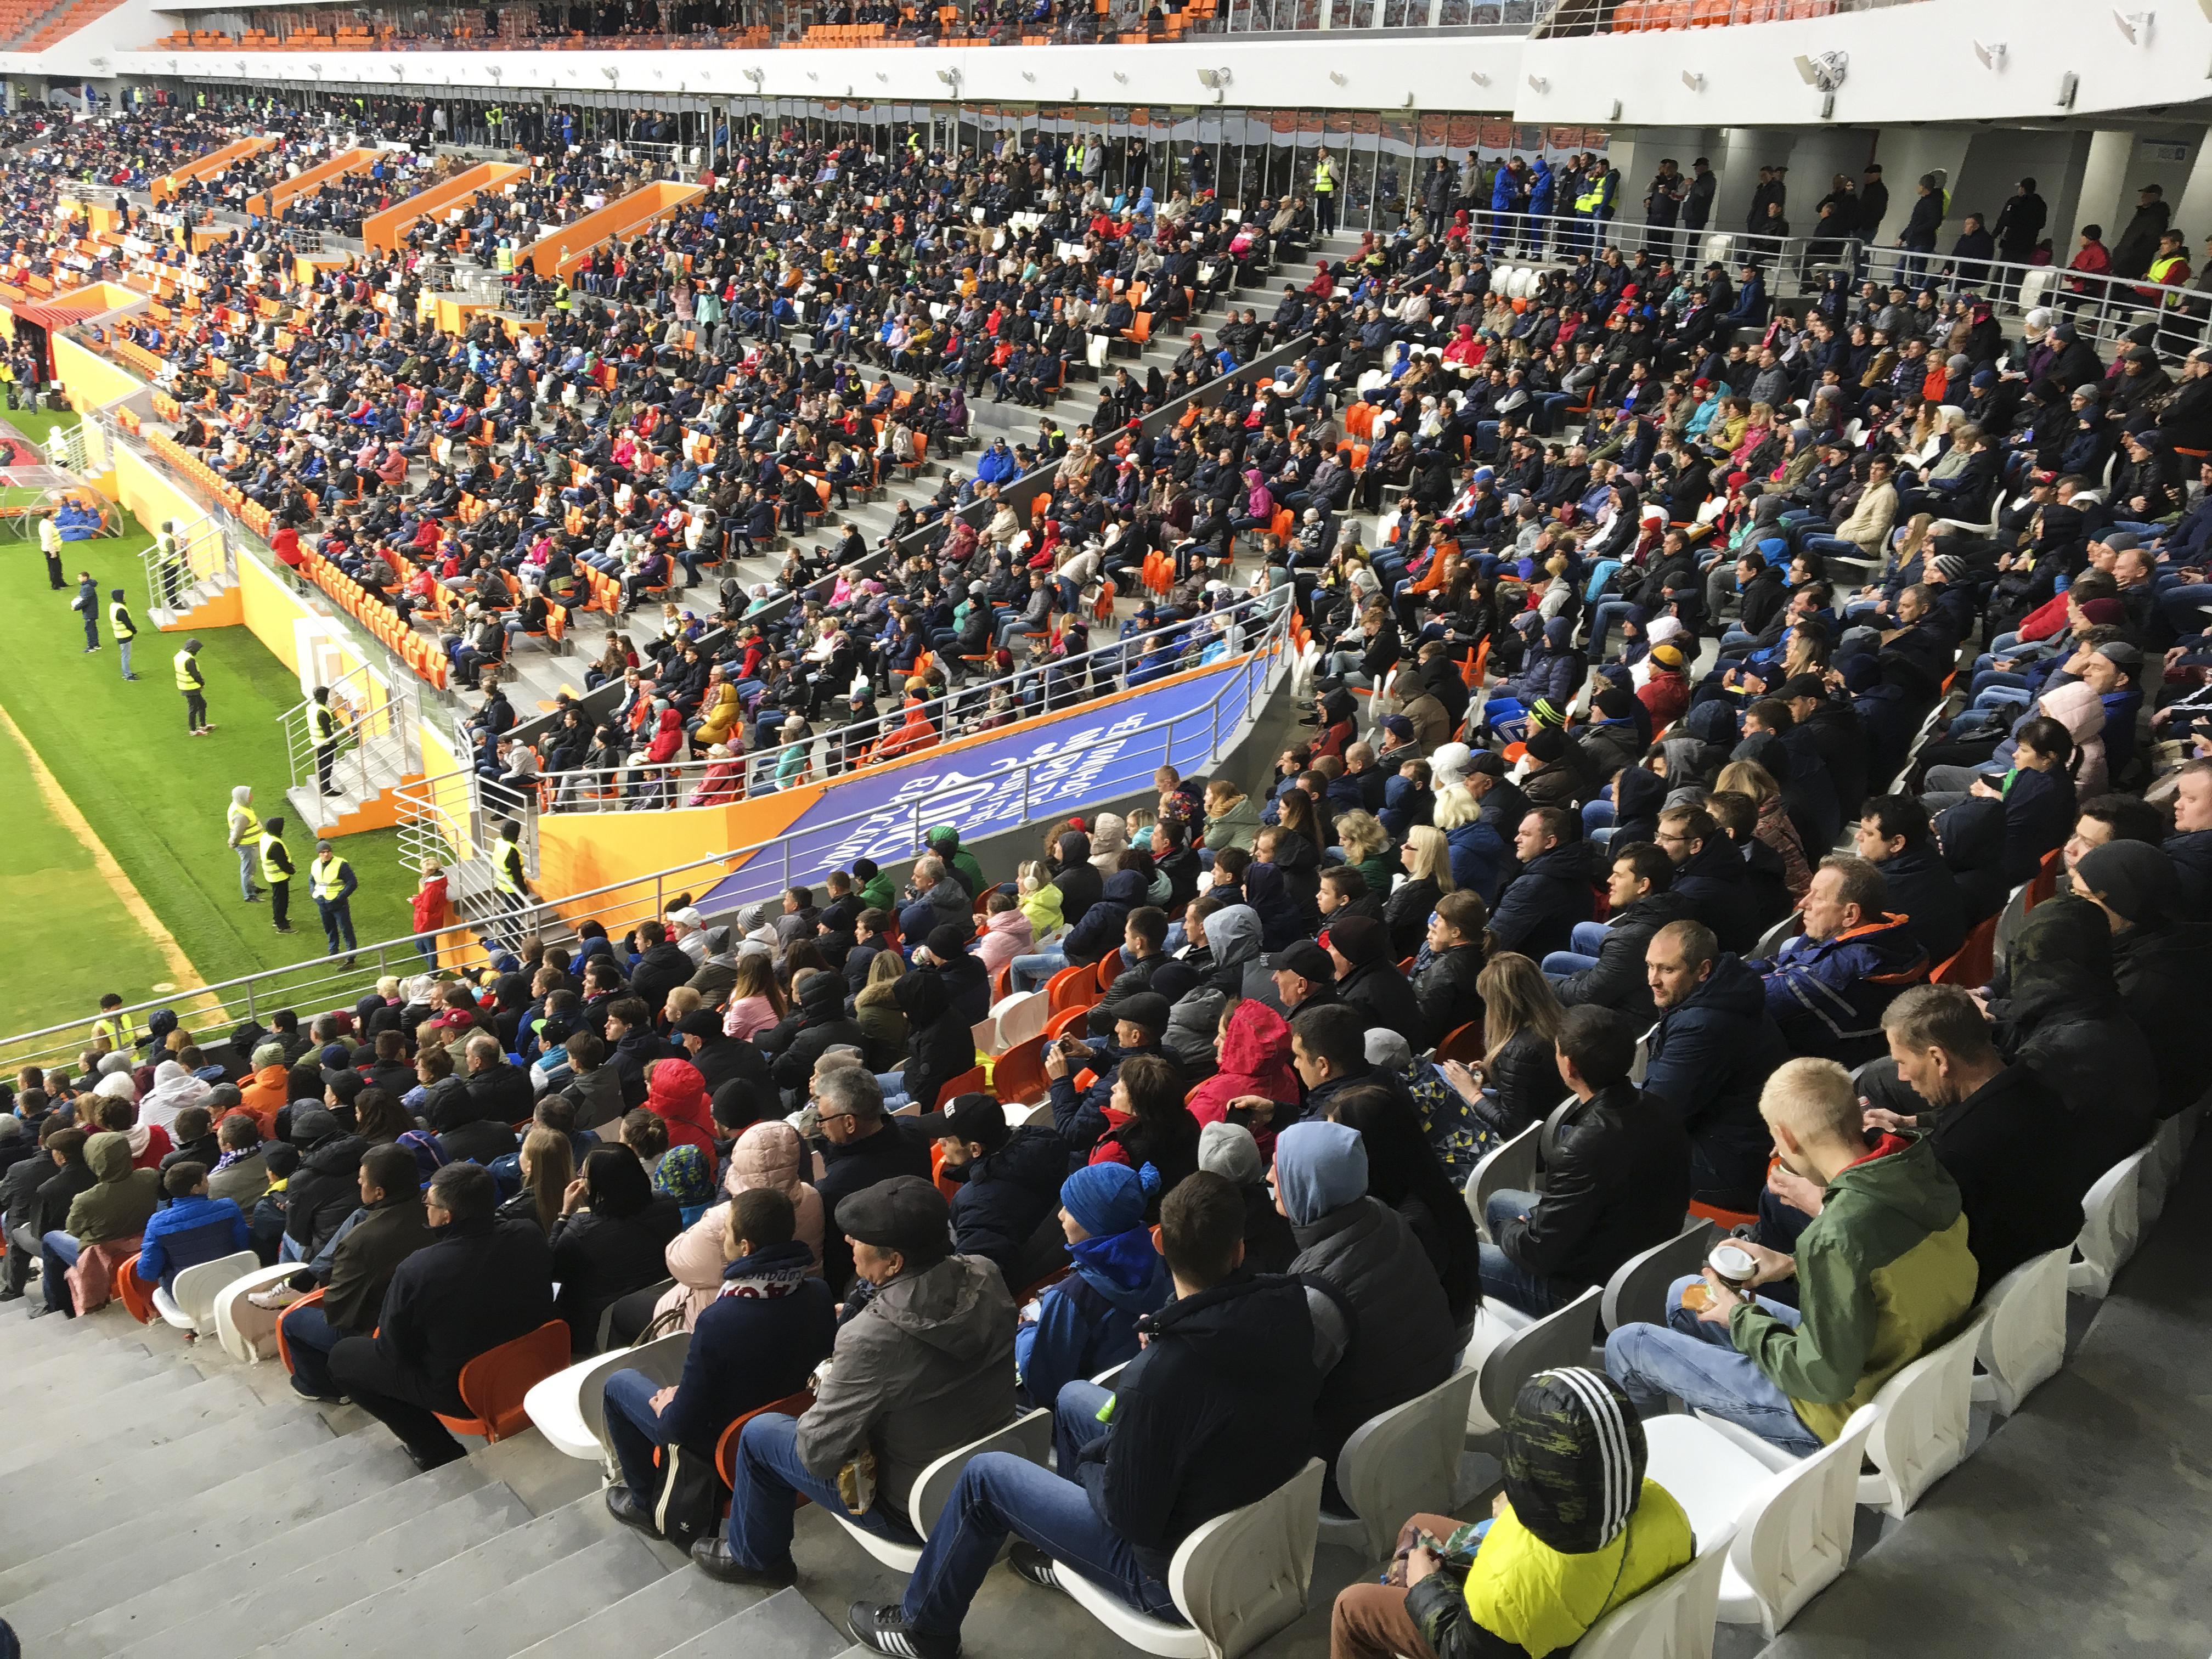 Уникальность стадиона — в его небольших размерах. Расстояние от центра футбольного поля до зрительских мест не превышает 90 метров, а от любого угла поля до противоположной трибуны — не более 190 метров.